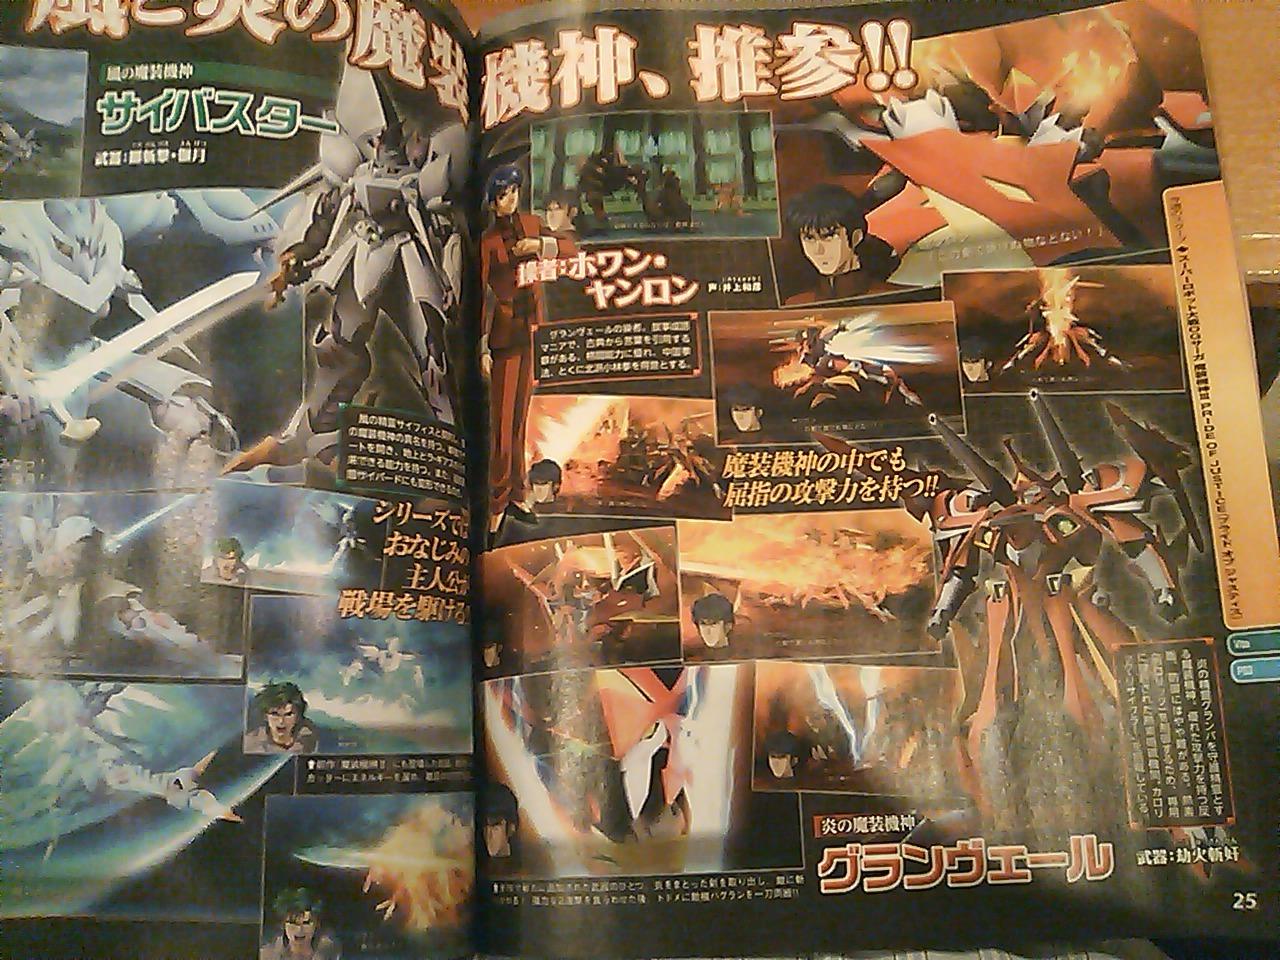 [Juegos/Anime] 2 videos de los nuevos juegos de Super Robot Taisen.